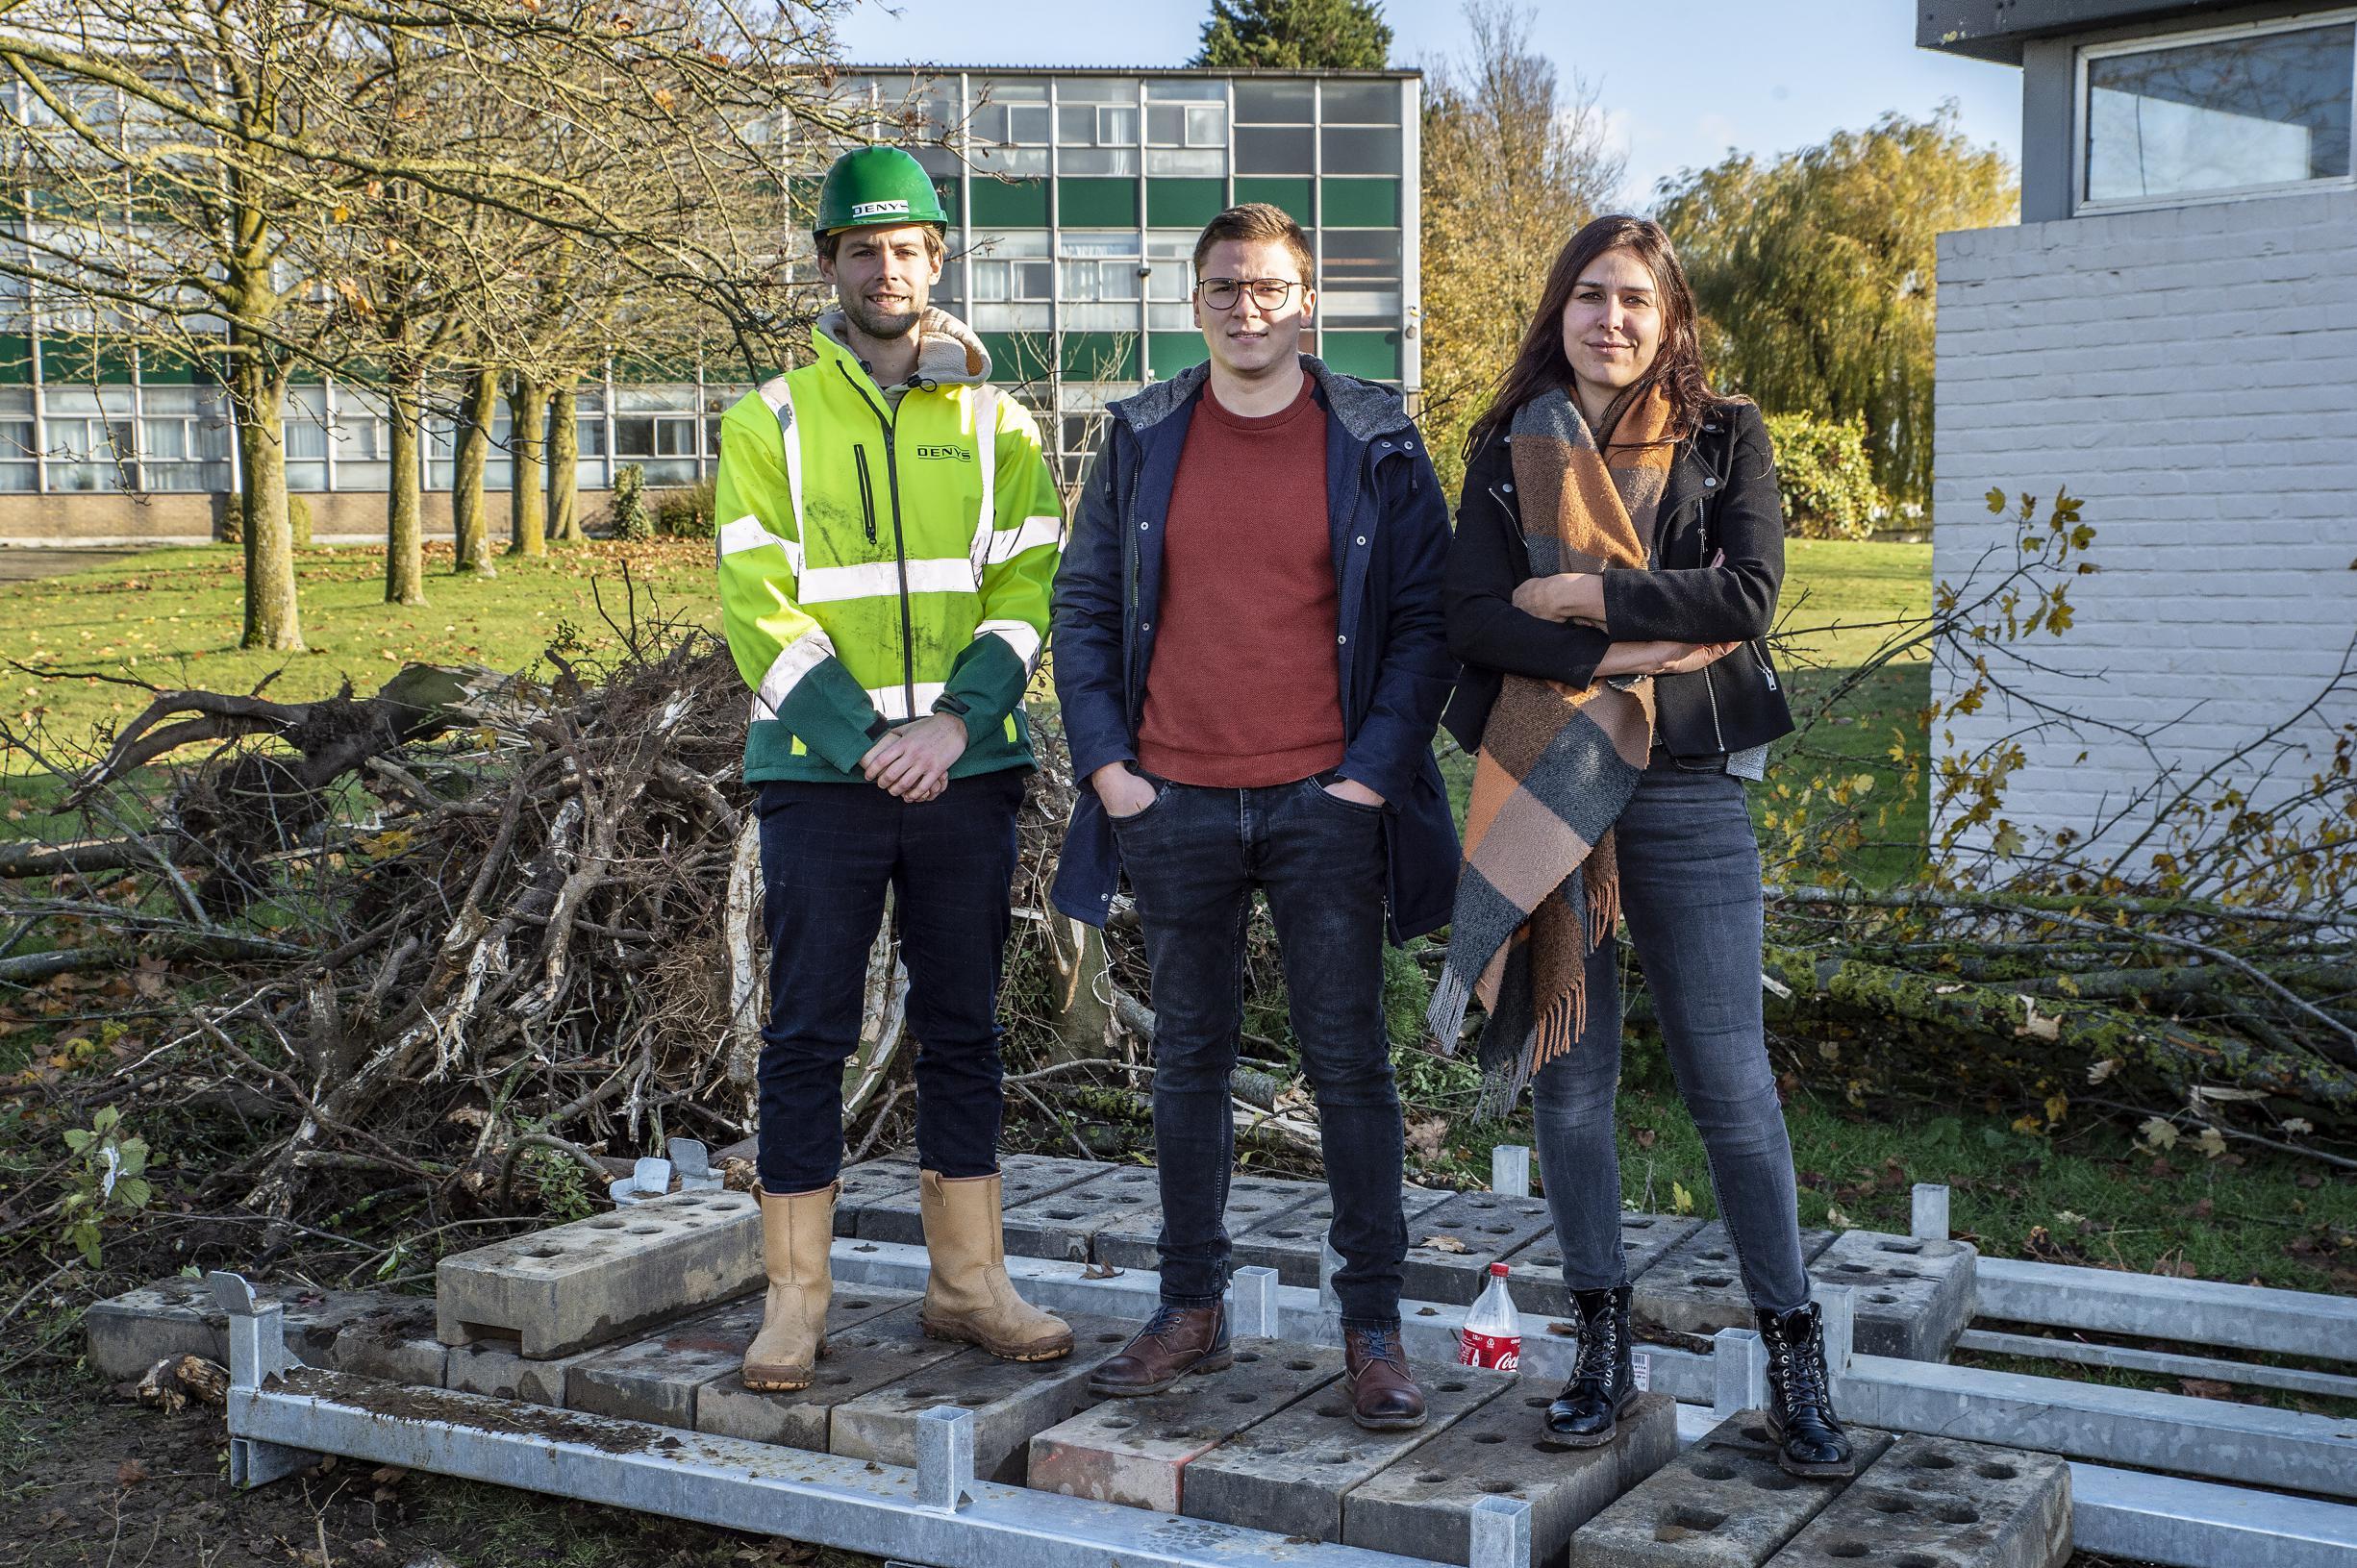 Afbraak oude schoolgebouwen gestart, nieuwbouw moet klaar zijn in mei 2021